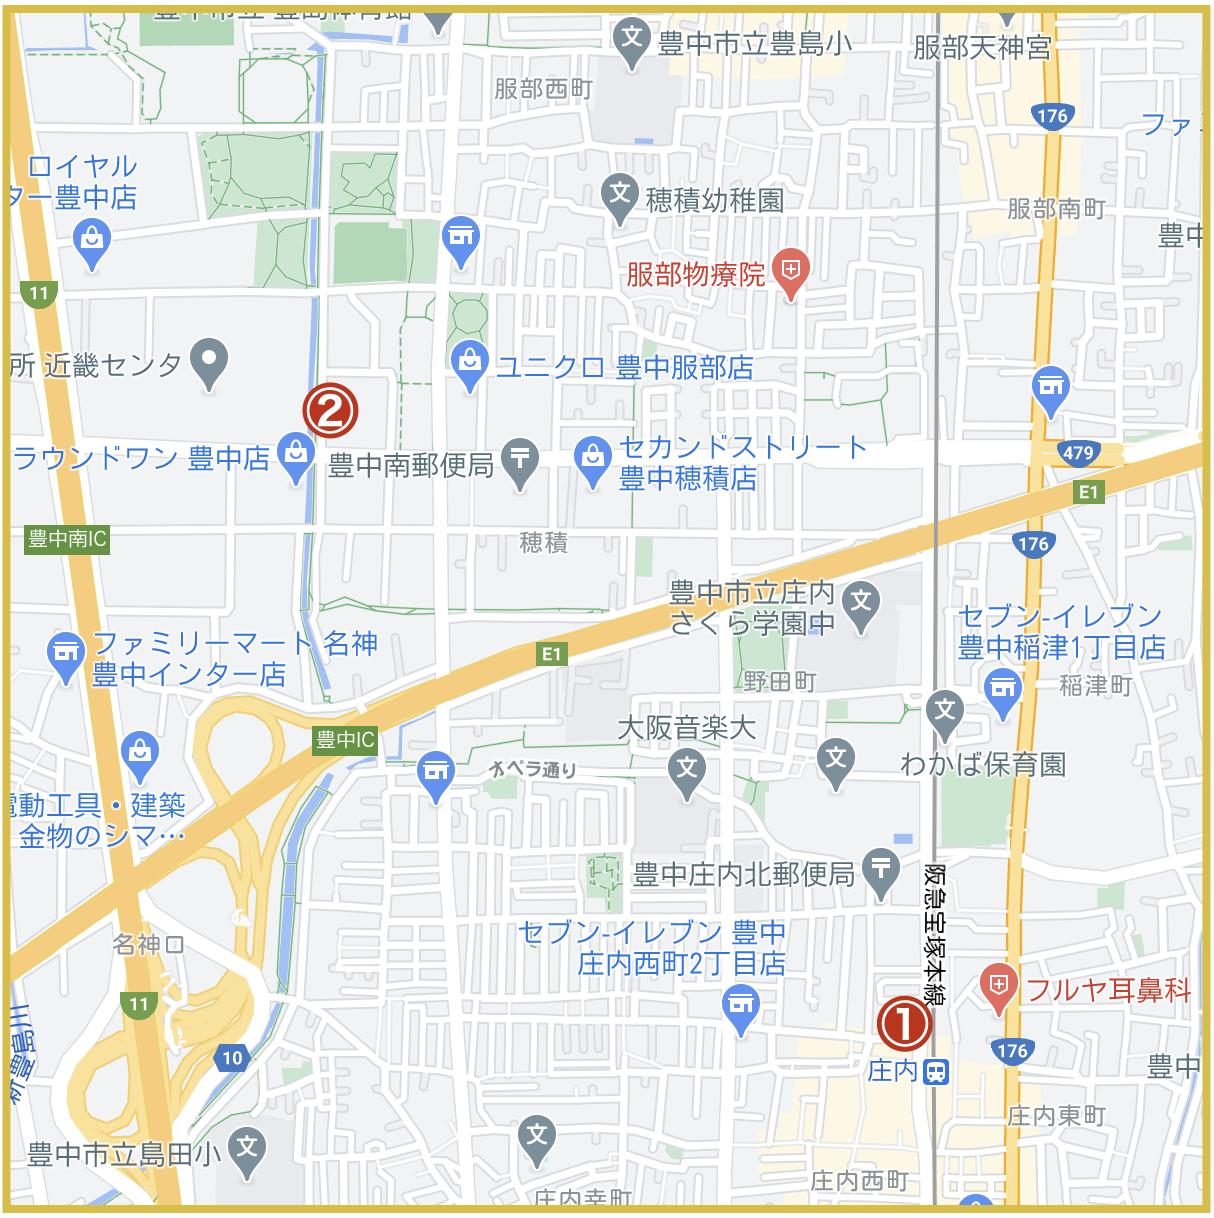 大阪府豊能地域にあるプロミス店舗・ATMの位置(2020年版)